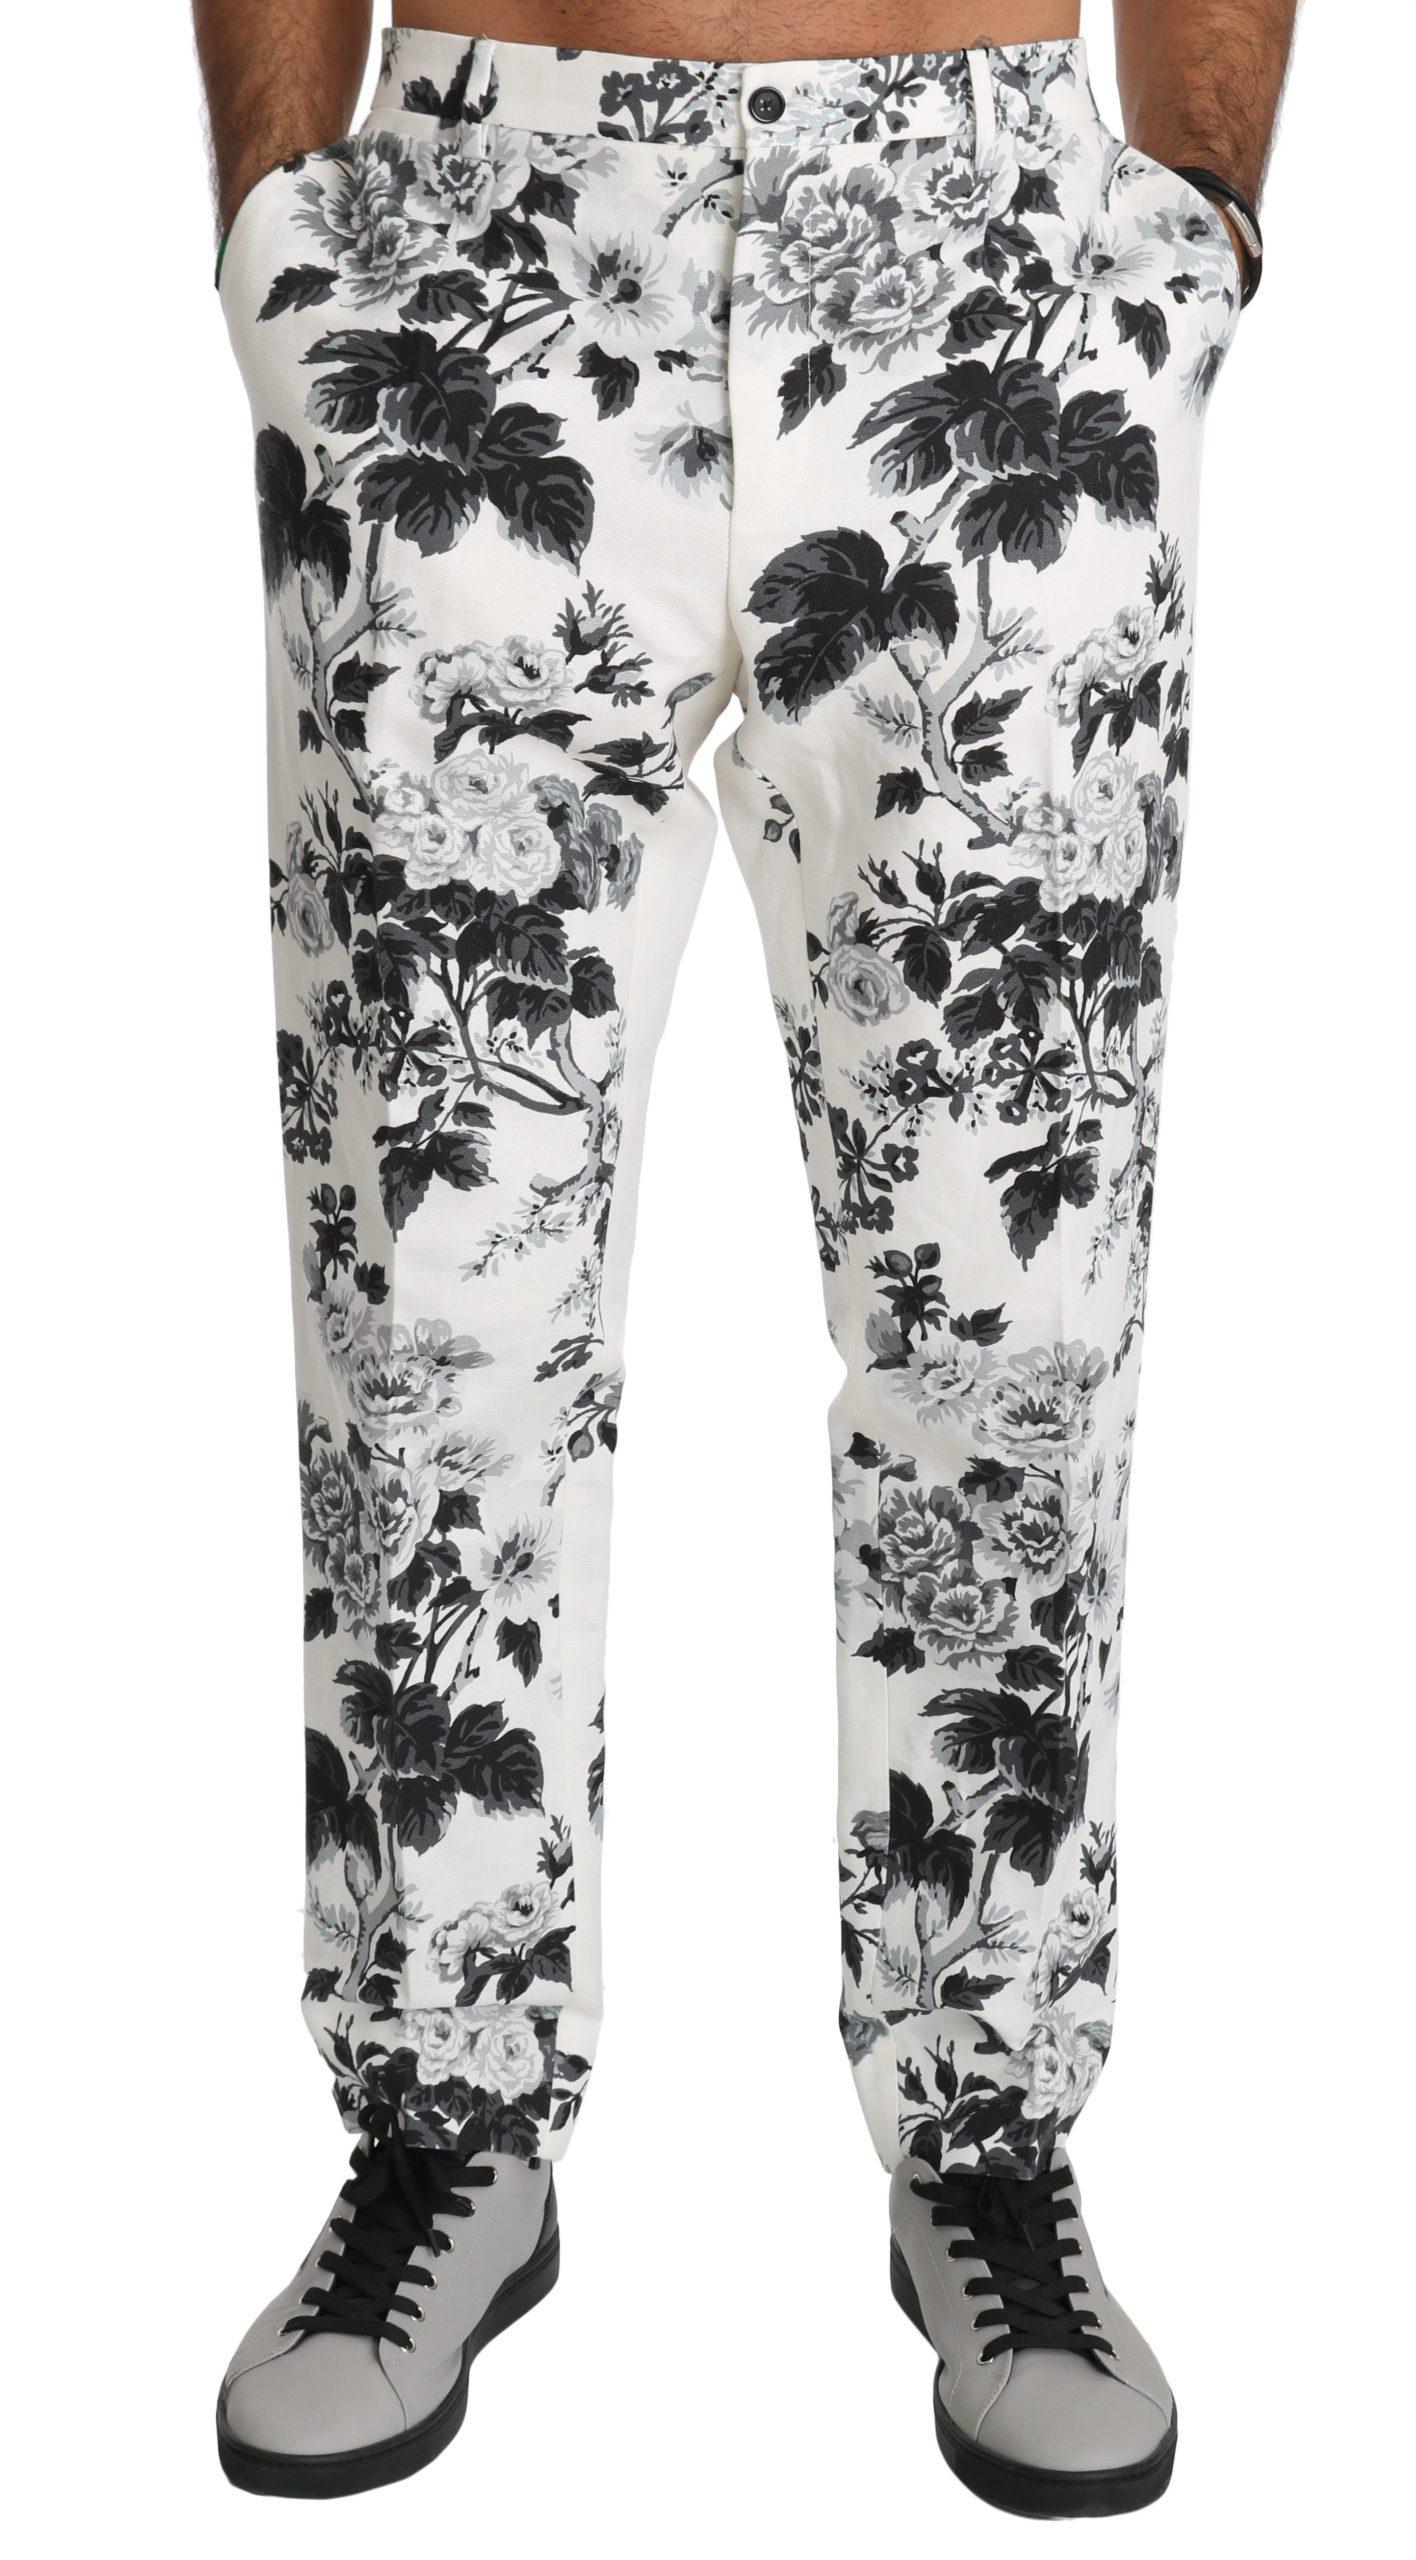 Dolce & Gabbana Men's Floral Slim Casual Trouser White PAN70791 - IT44 | XS